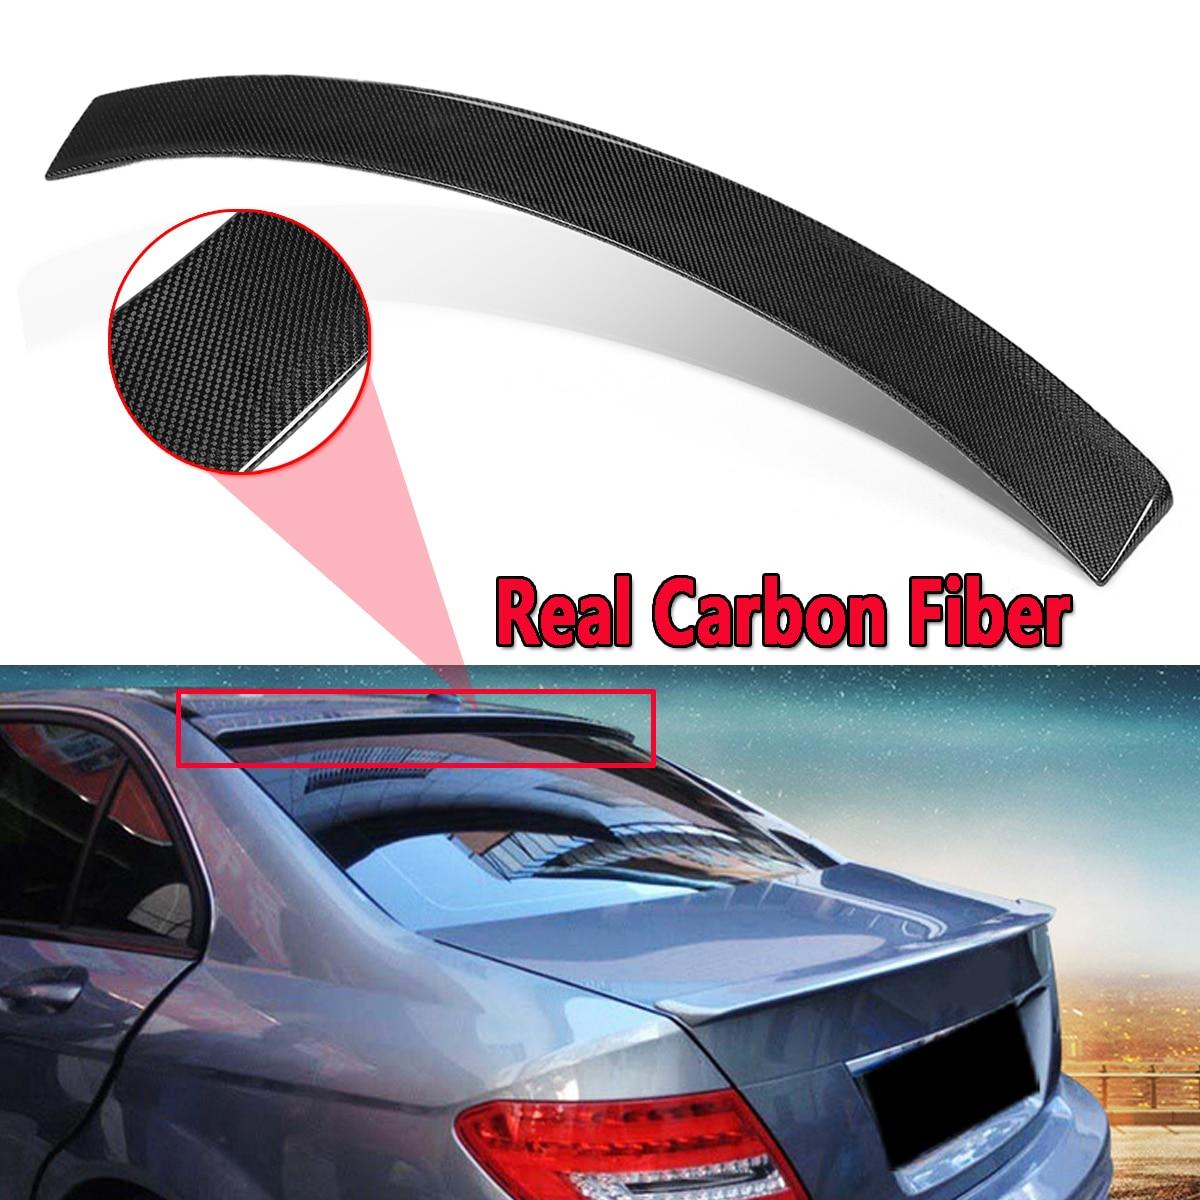 Attent Auto Real Carbon Fiber Dakspoiler Deksel Voor Mercedes-benz W204 C Klasse Sedan 2008-2014 Achtervleugel Spoiler Kofferbak Dak Wing Hoge Veiligheid